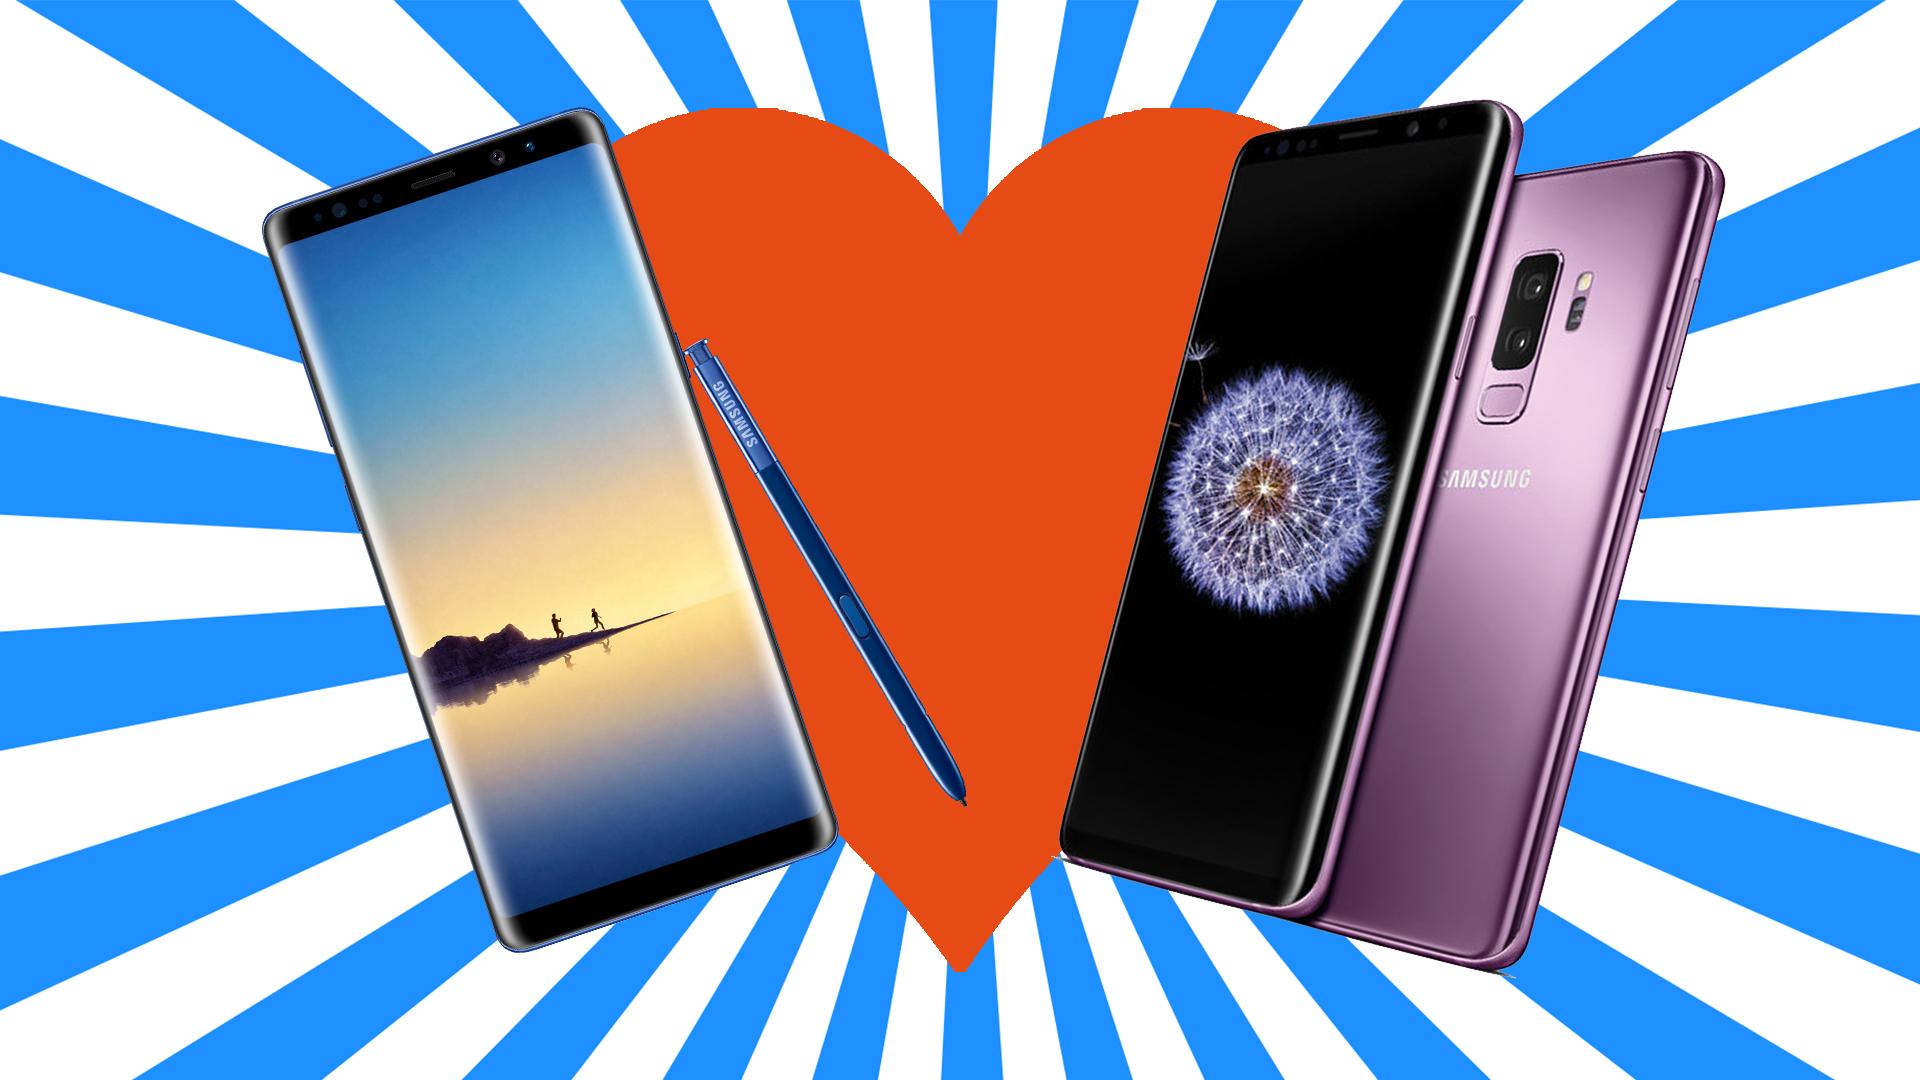 صورة سامسونج قد تقوم بدمج سلسلة Galaxy S مع سلسلة Note